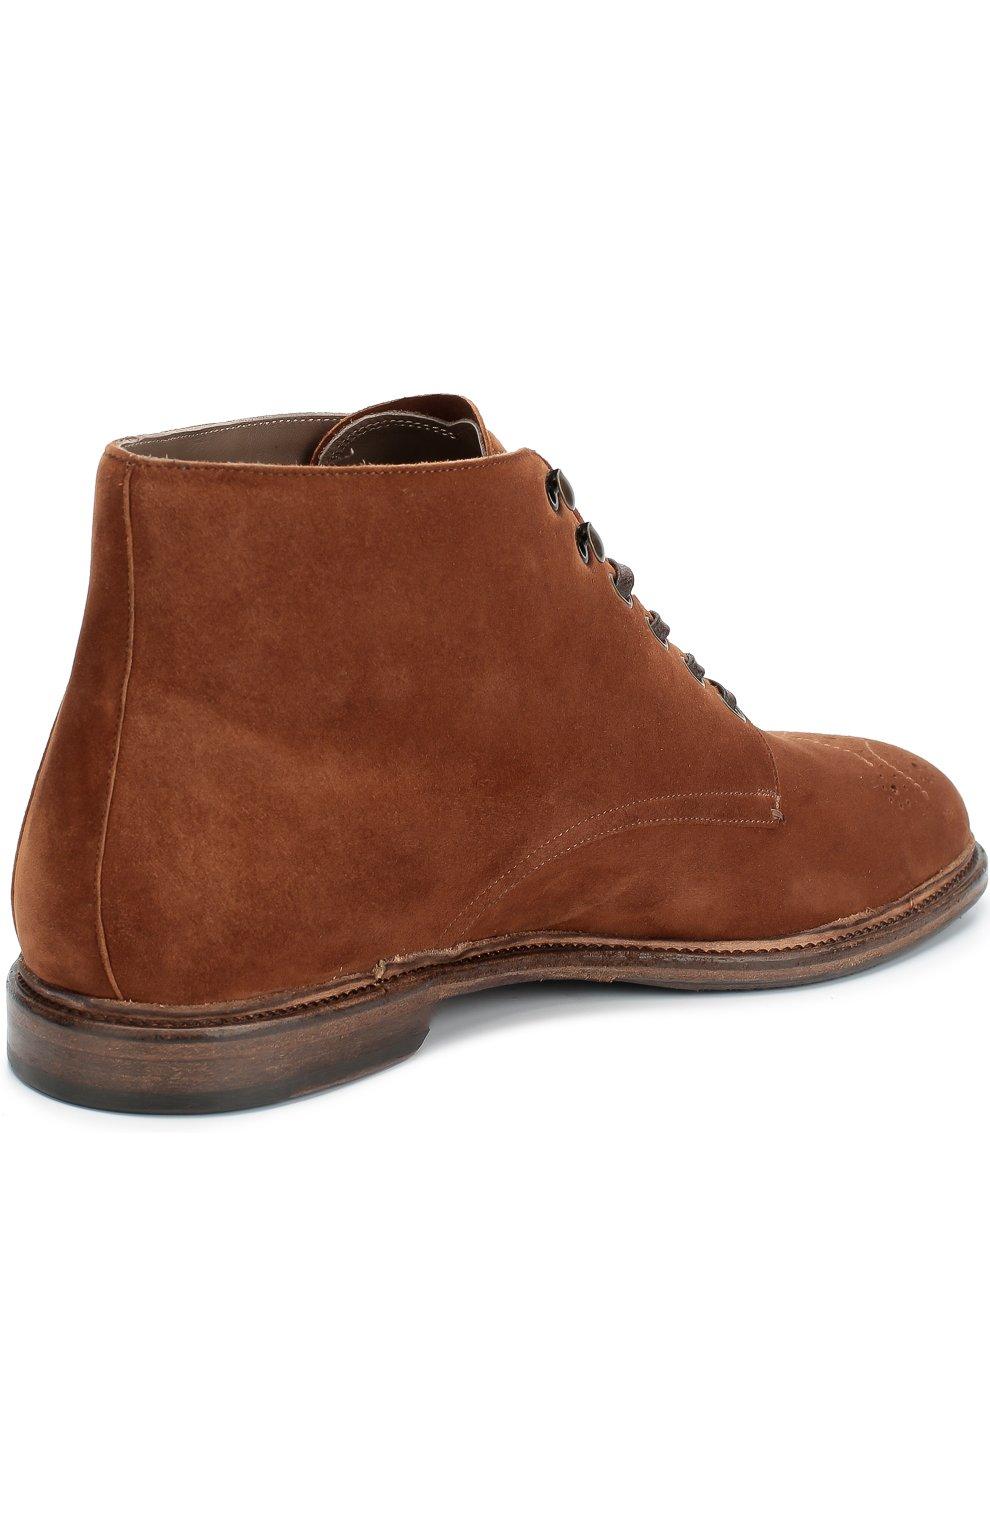 Замшевые ботинки Marsala с брогированием и аппликацией Dolce & Gabbana коричневые | Фото №5